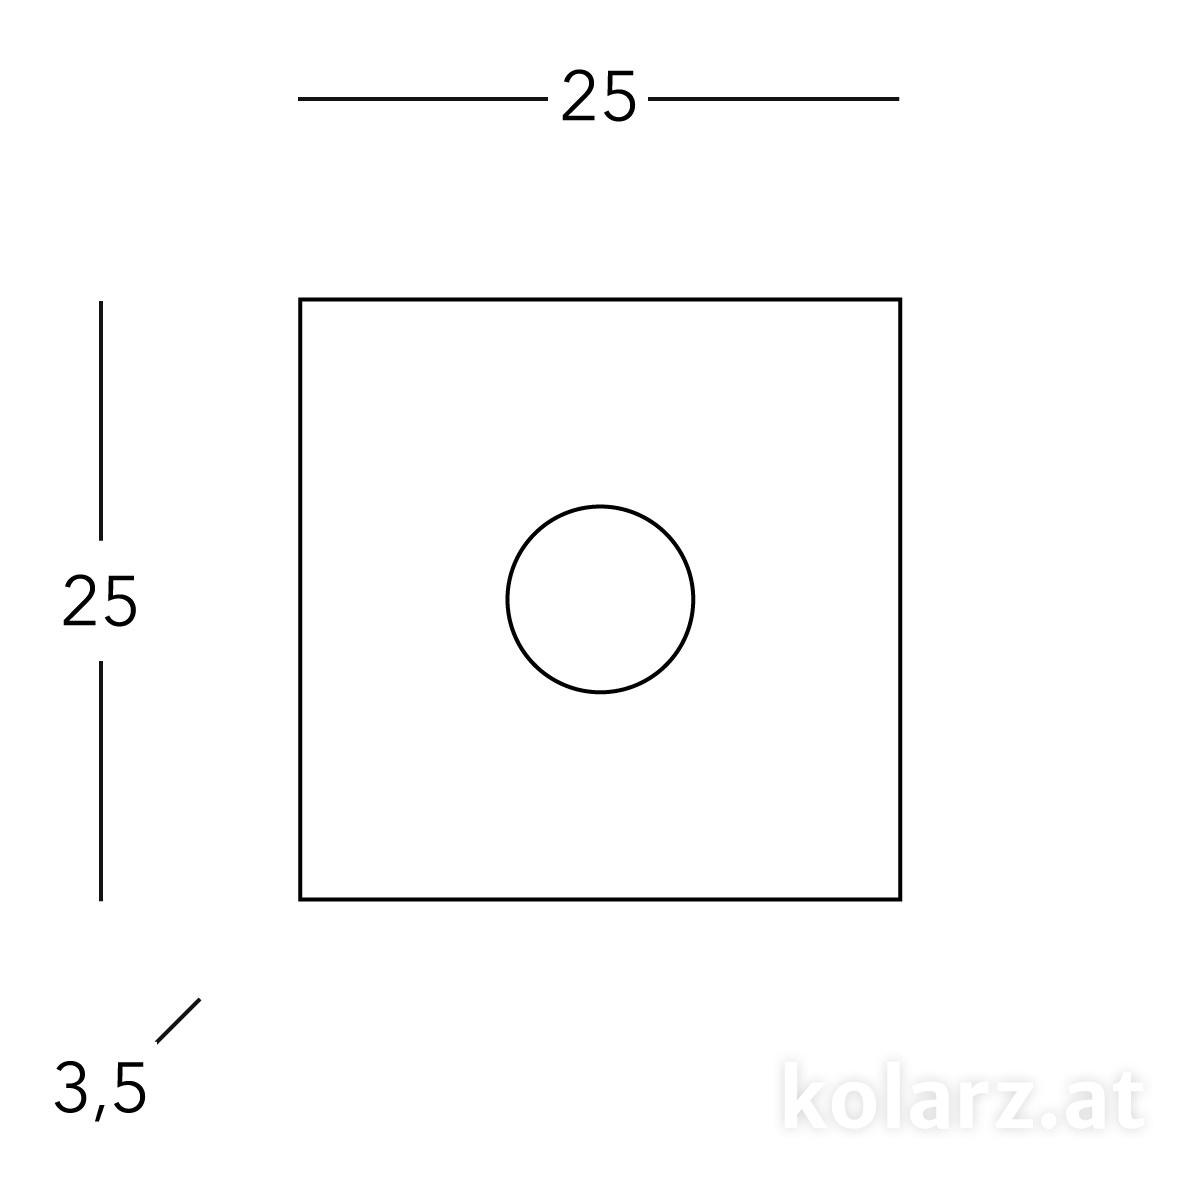 A1337-11-1-VinAg-s1.jpg